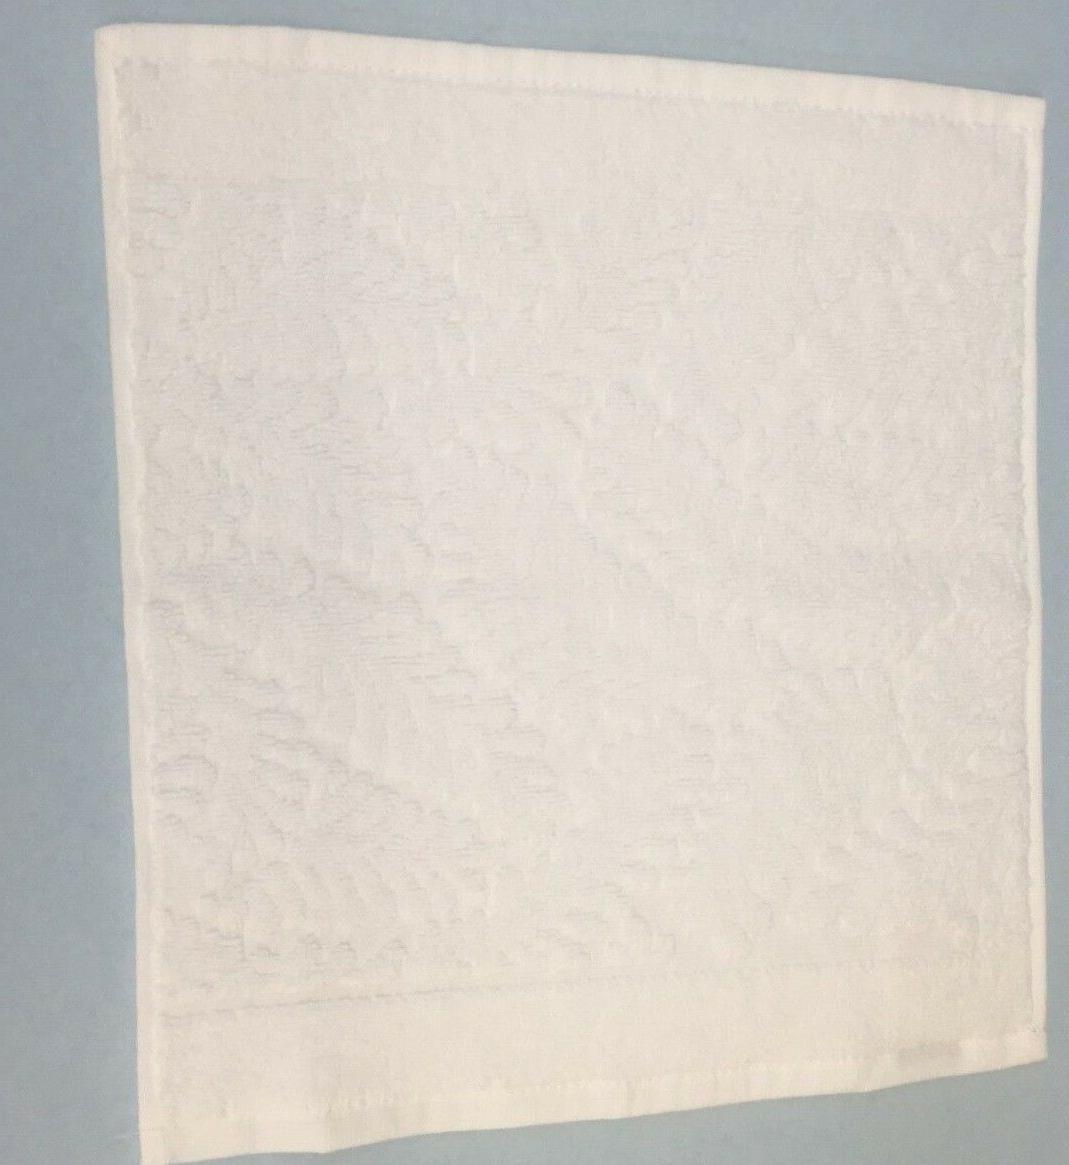 Thistletex Towels Cotton, plus